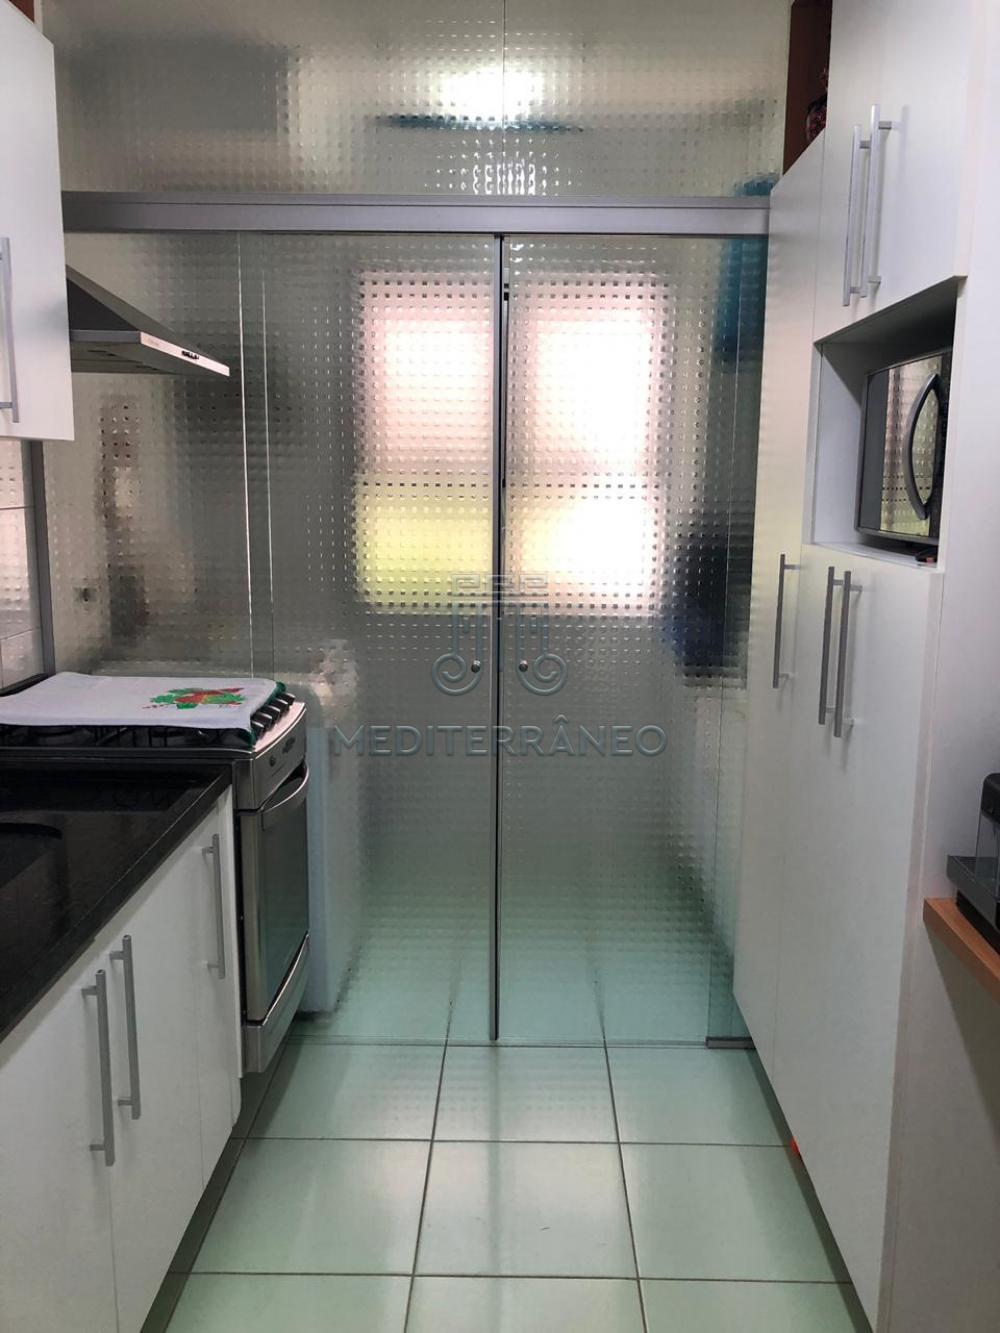 Comprar Apartamento / Padrão em Jundiaí apenas R$ 250.000,00 - Foto 20